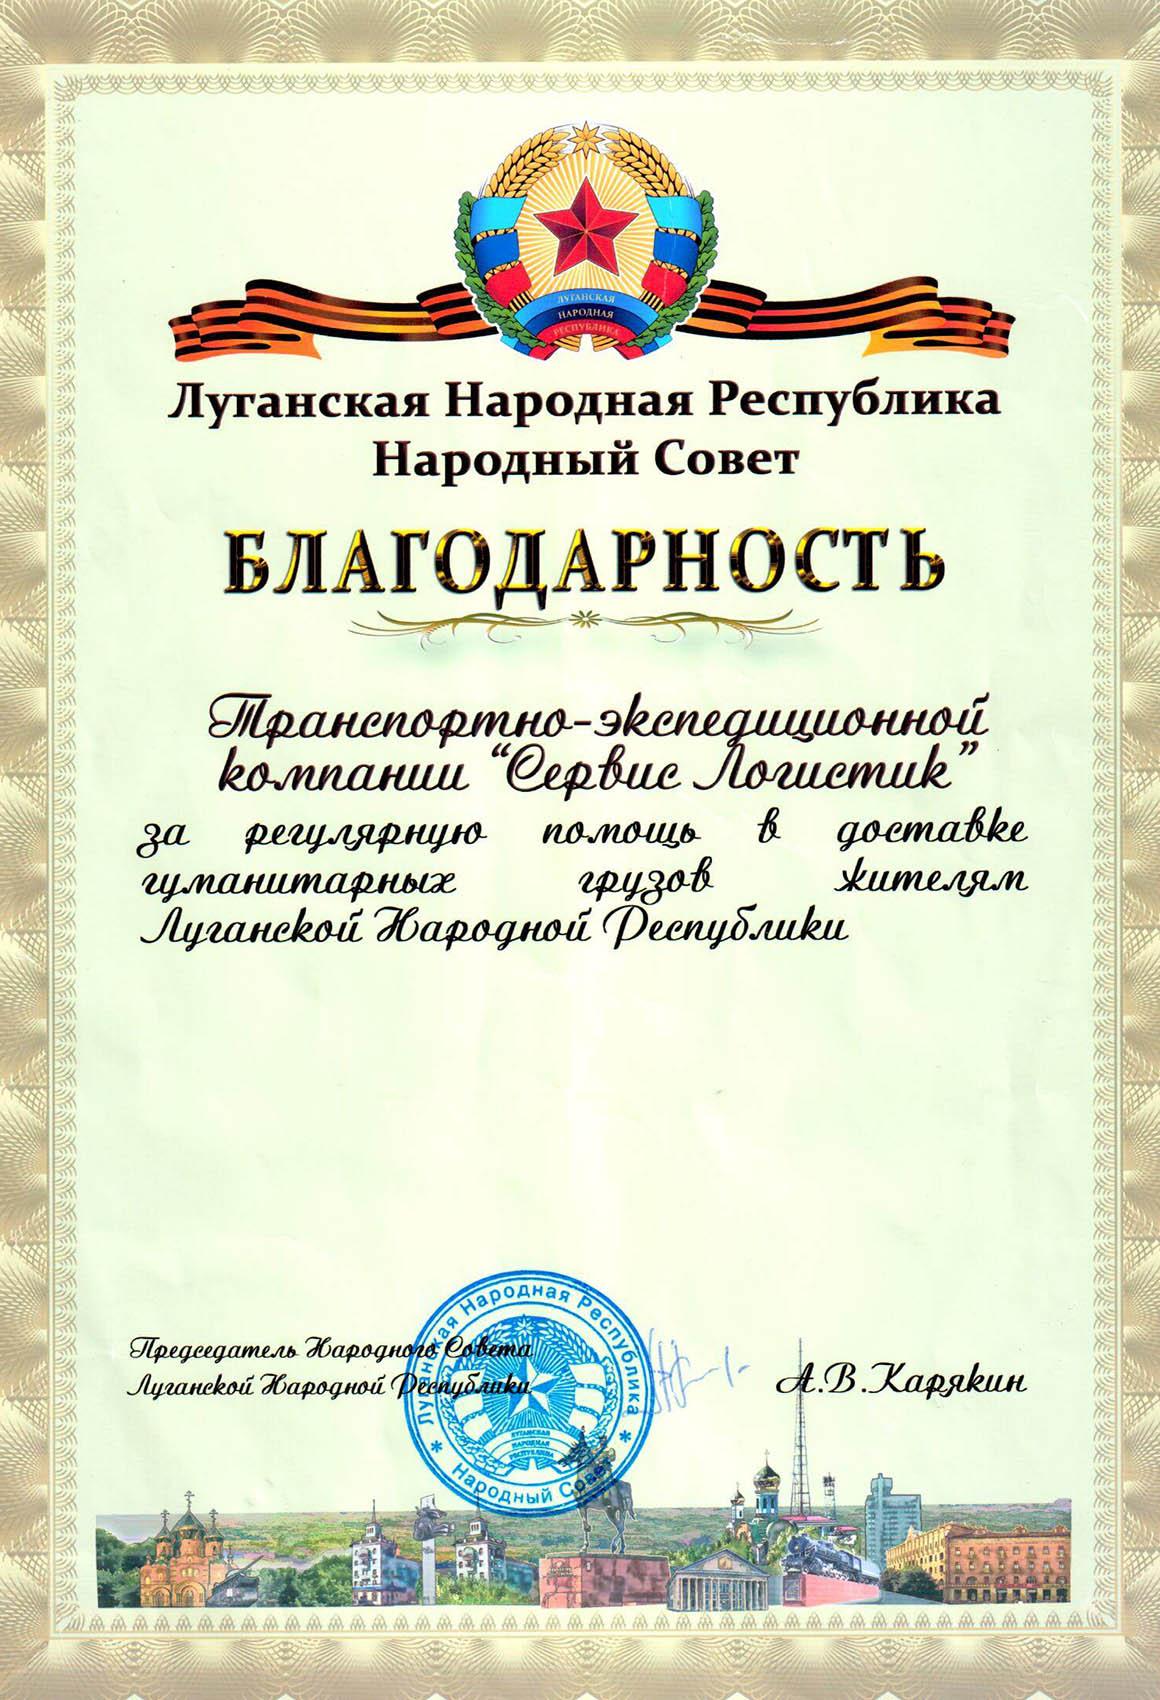 Поздравление за работу в компании